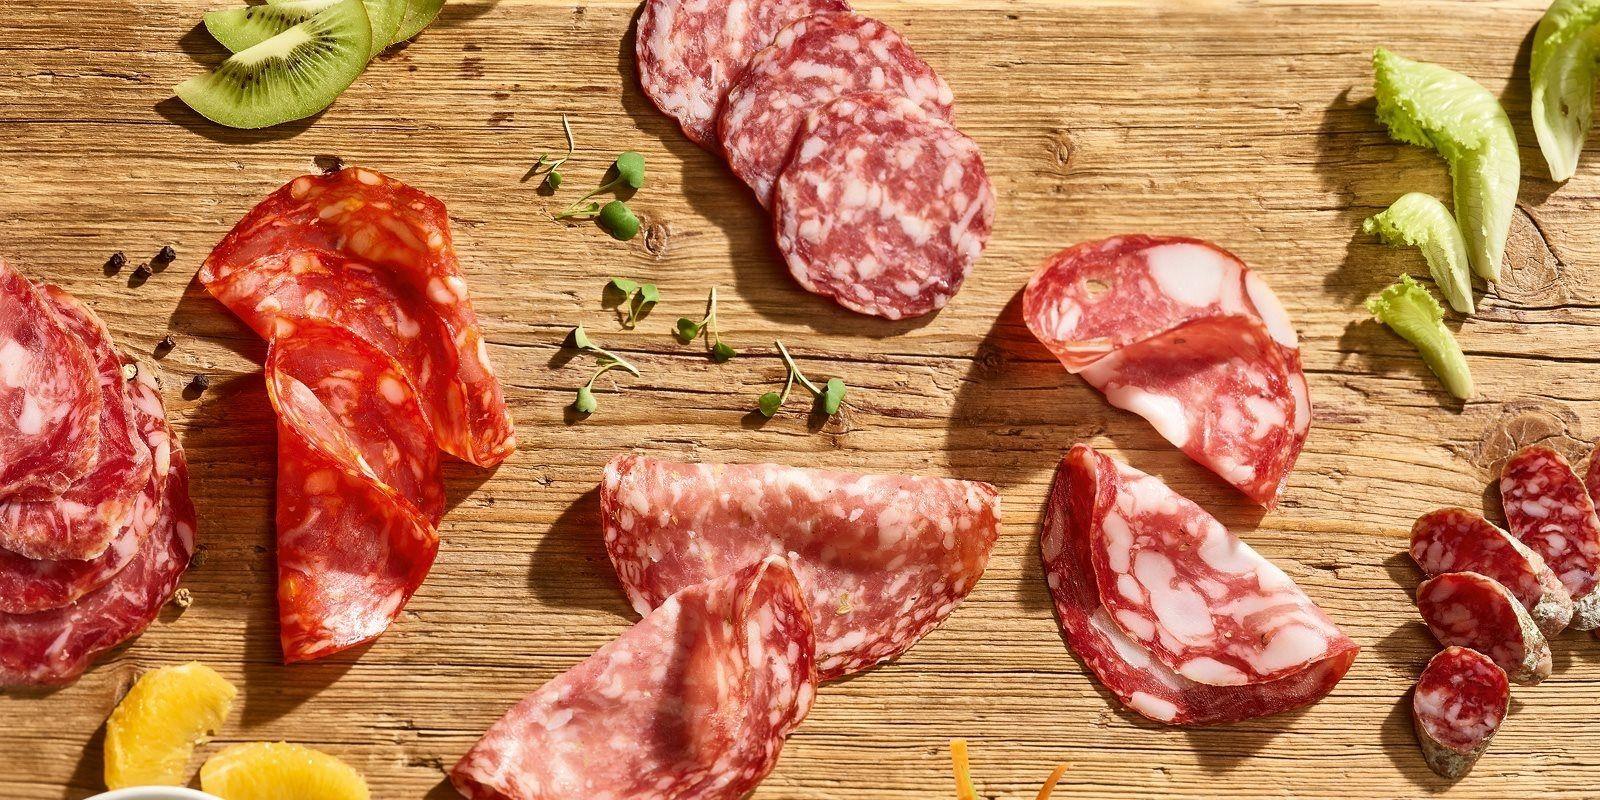 levoni_emozionale_ricette_tagliere_salami(1)